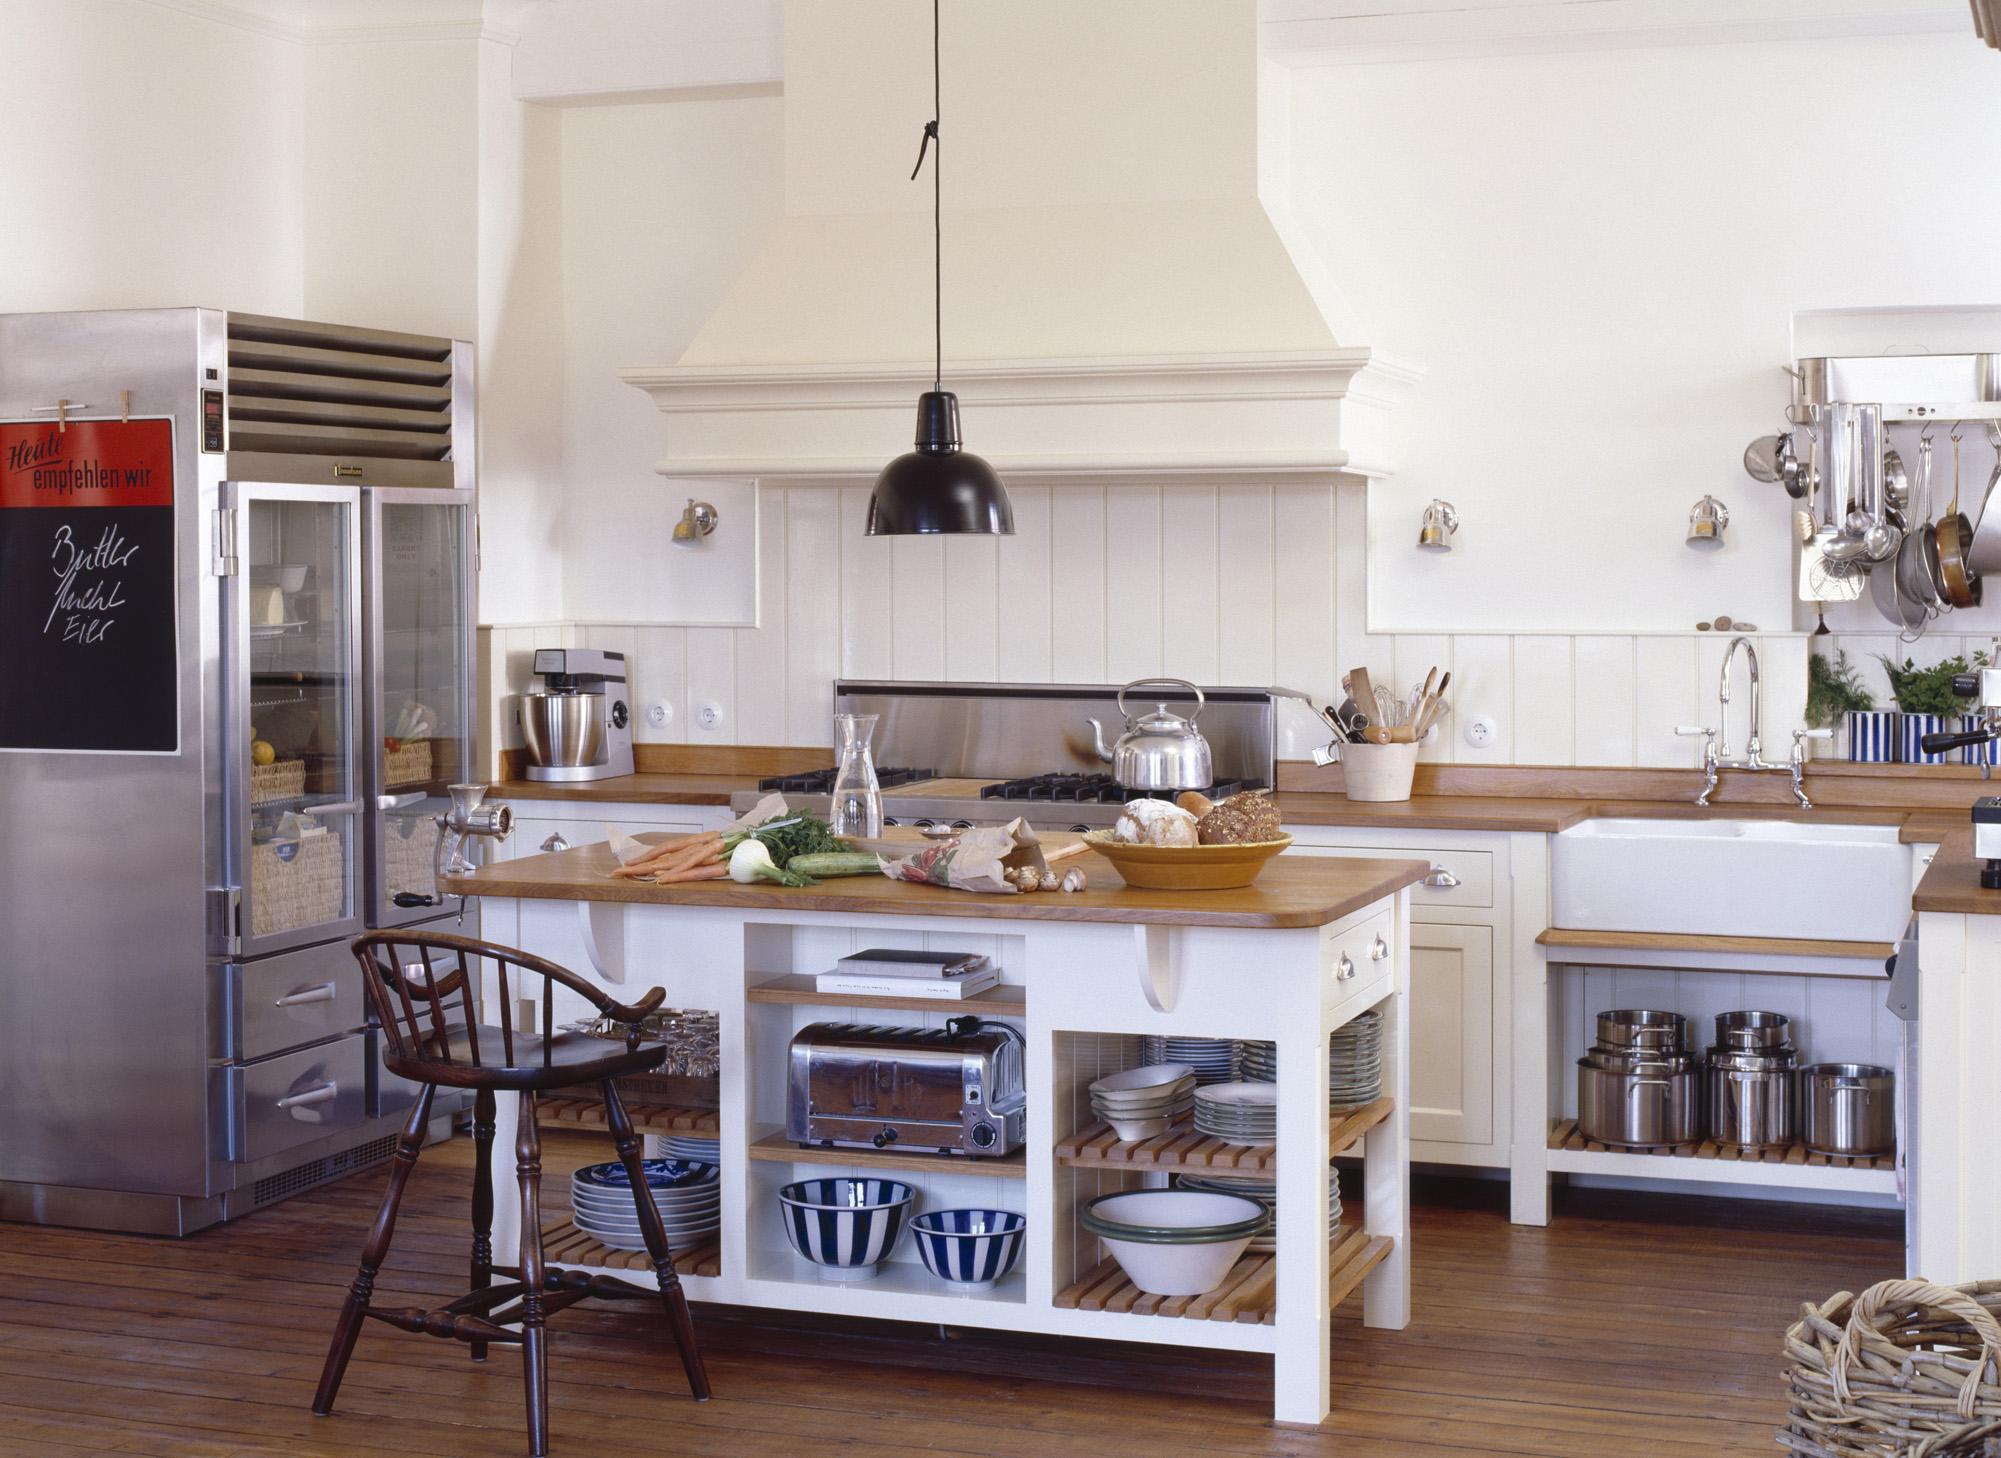 wohnküche • bilder & ideen • couchstyle, Hause deko